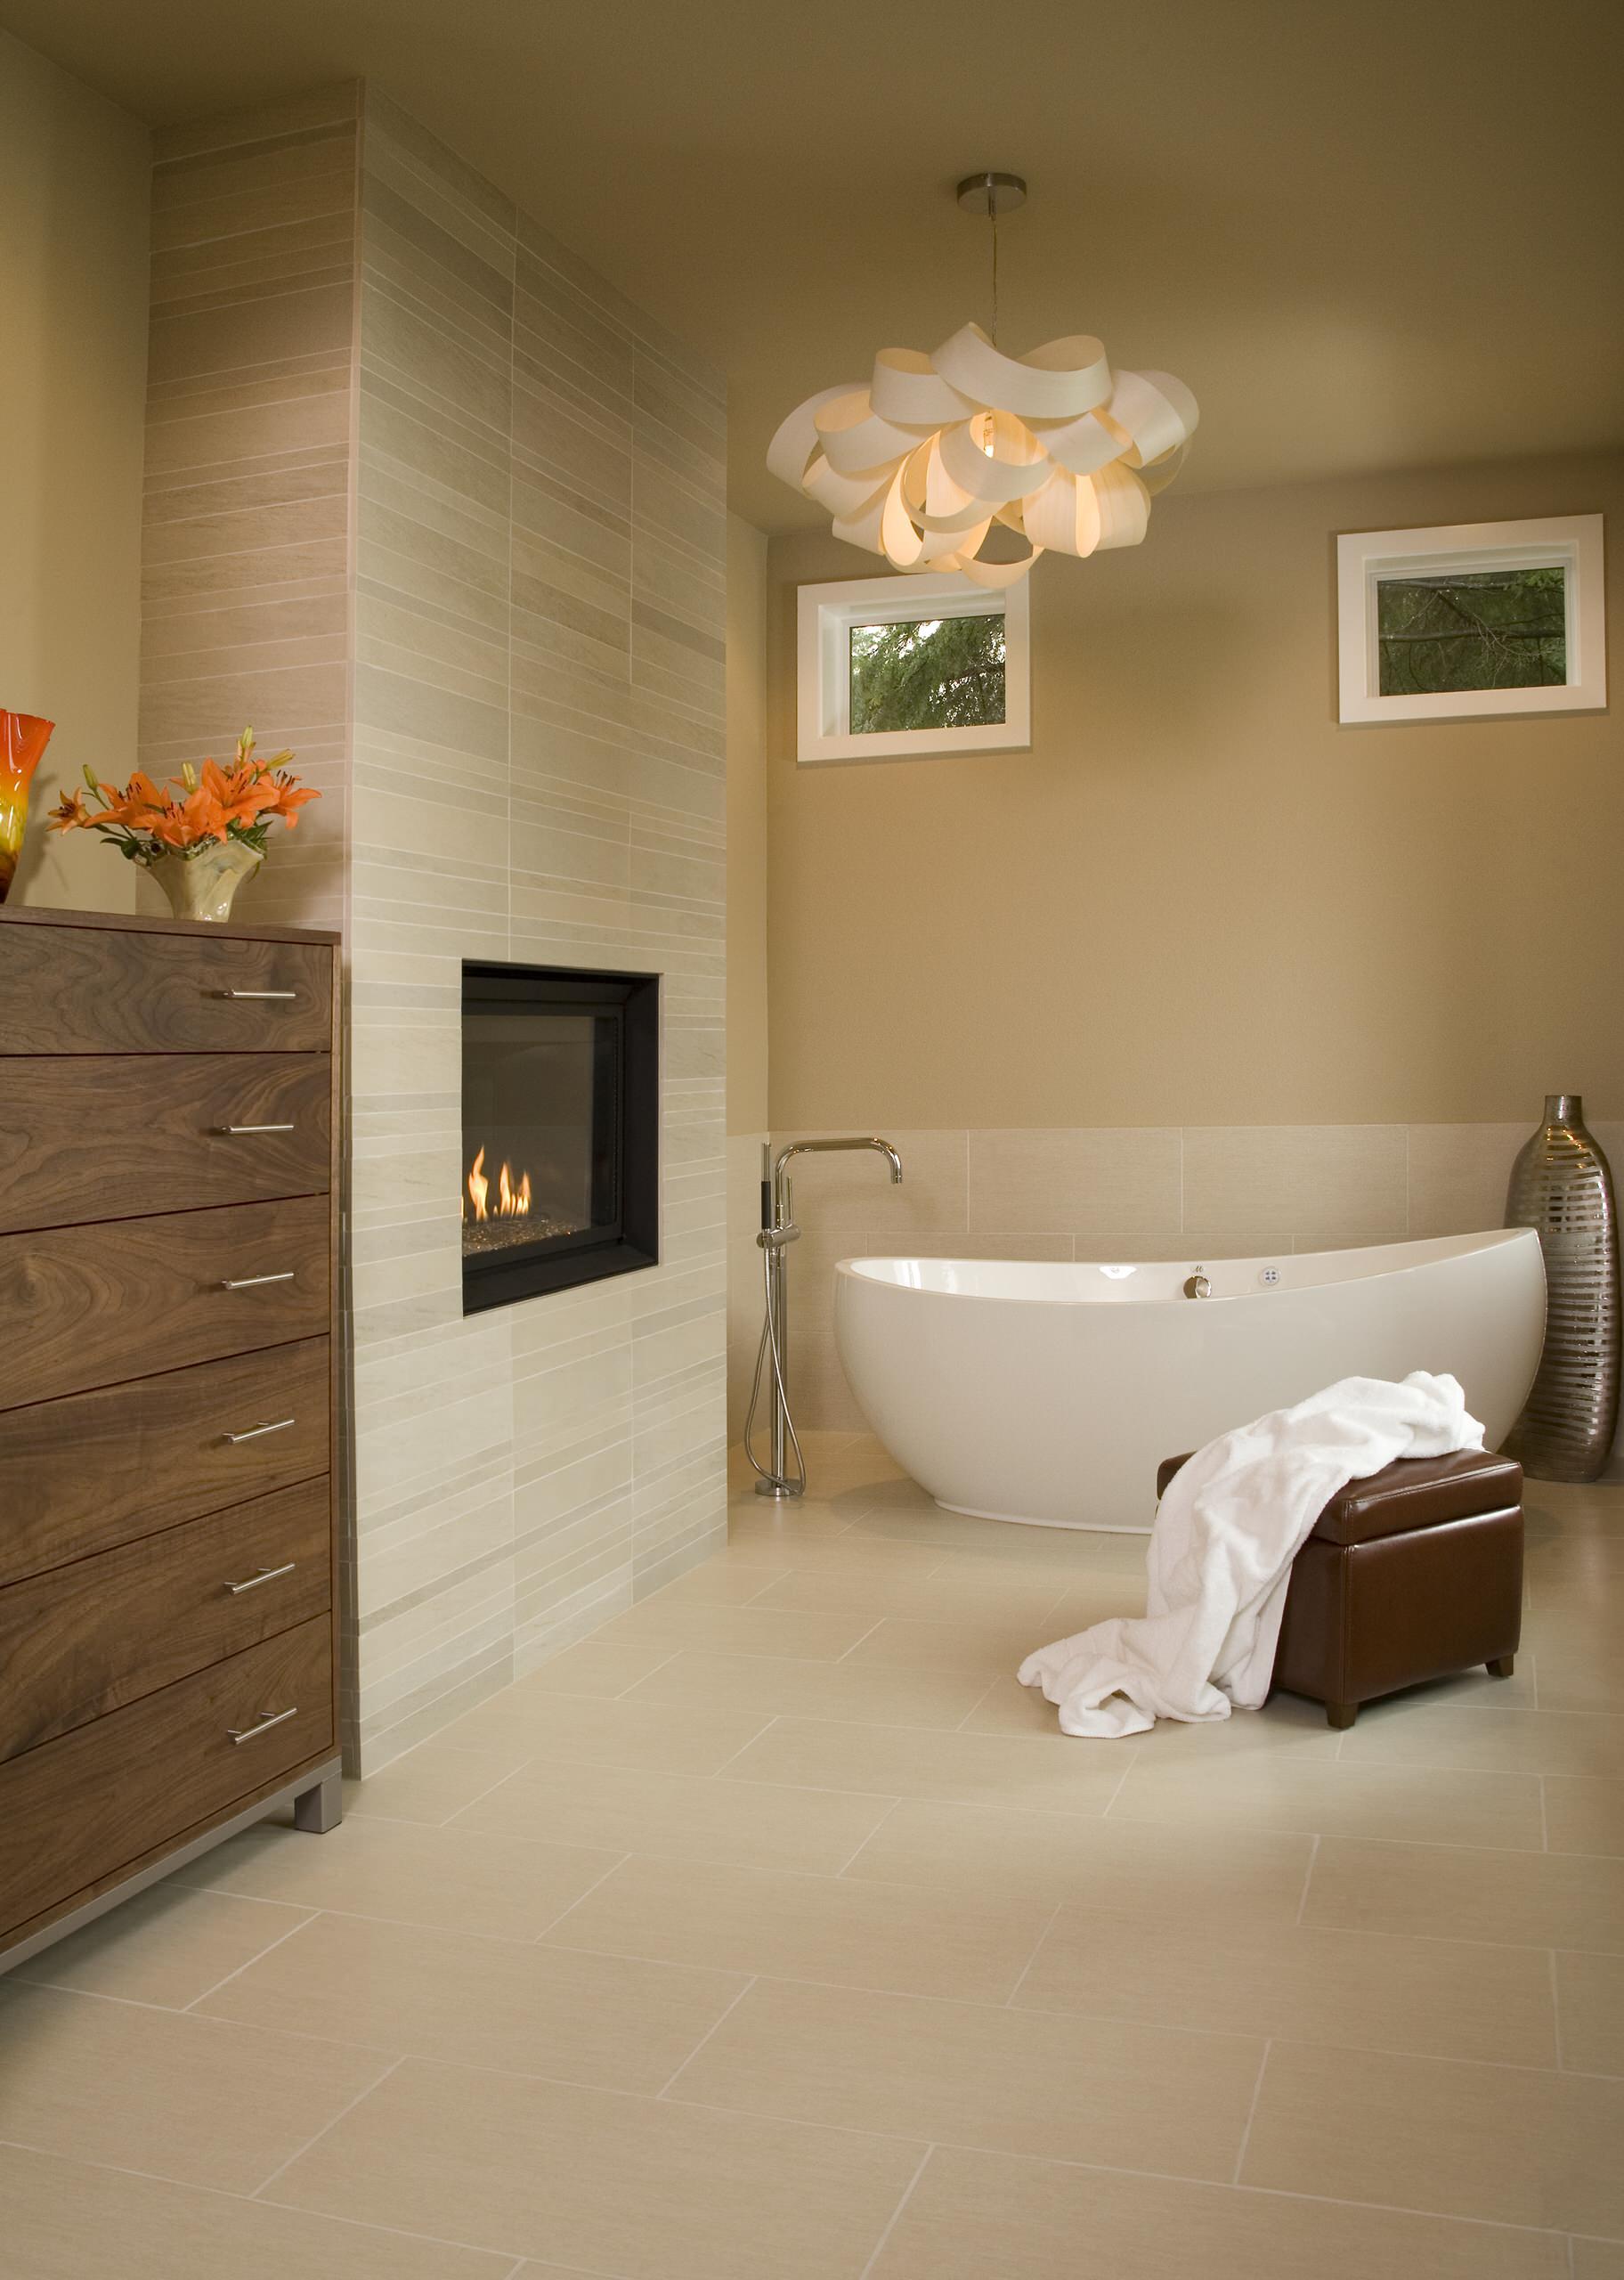 Bathroom Fireplace Houzz